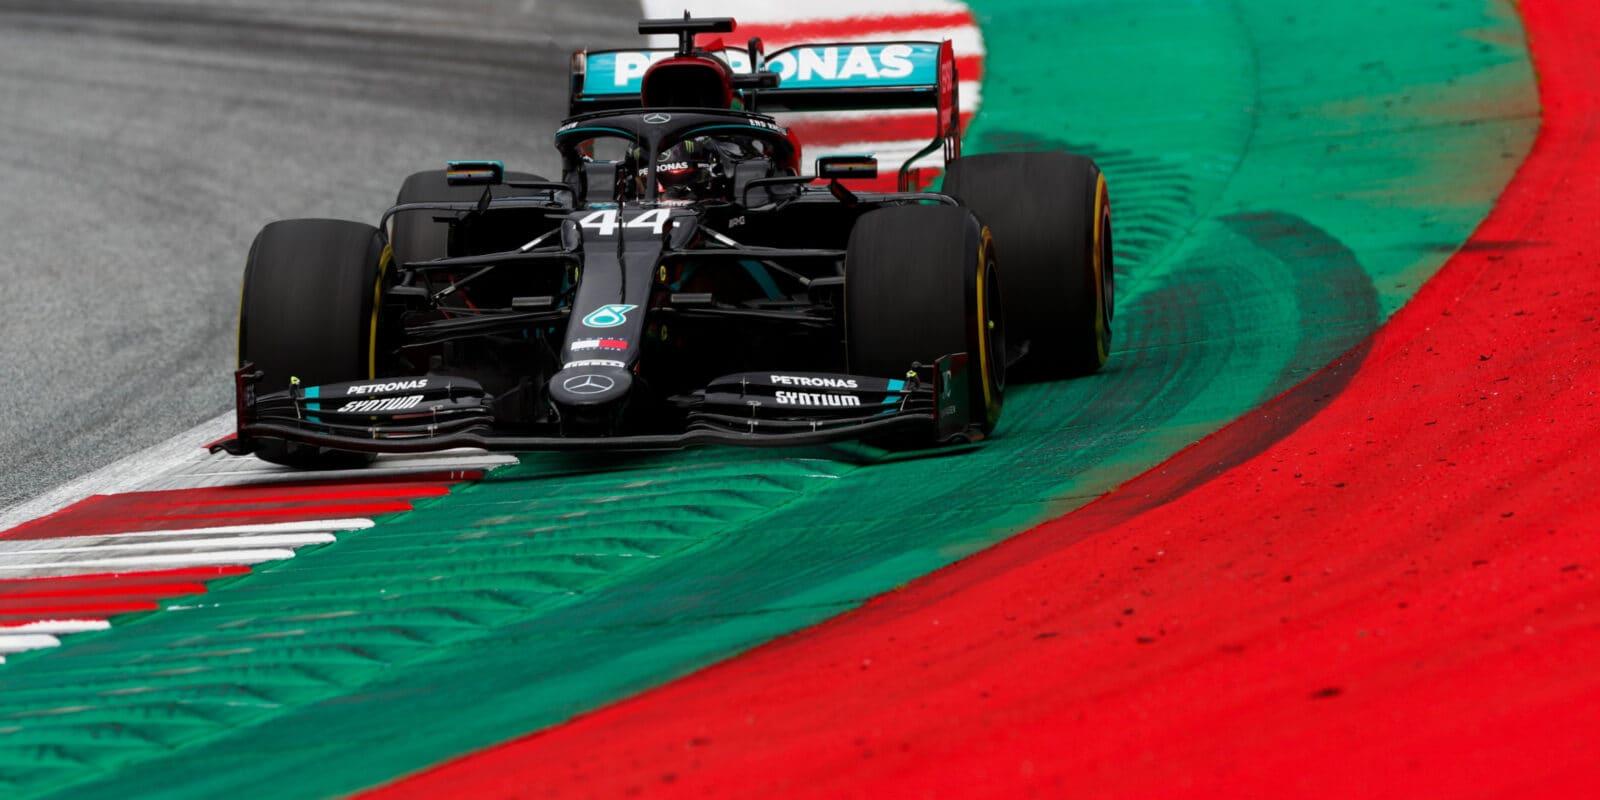 VC Štýrska vyhrál Lewis Hamilton, blamáž pro Ferrari